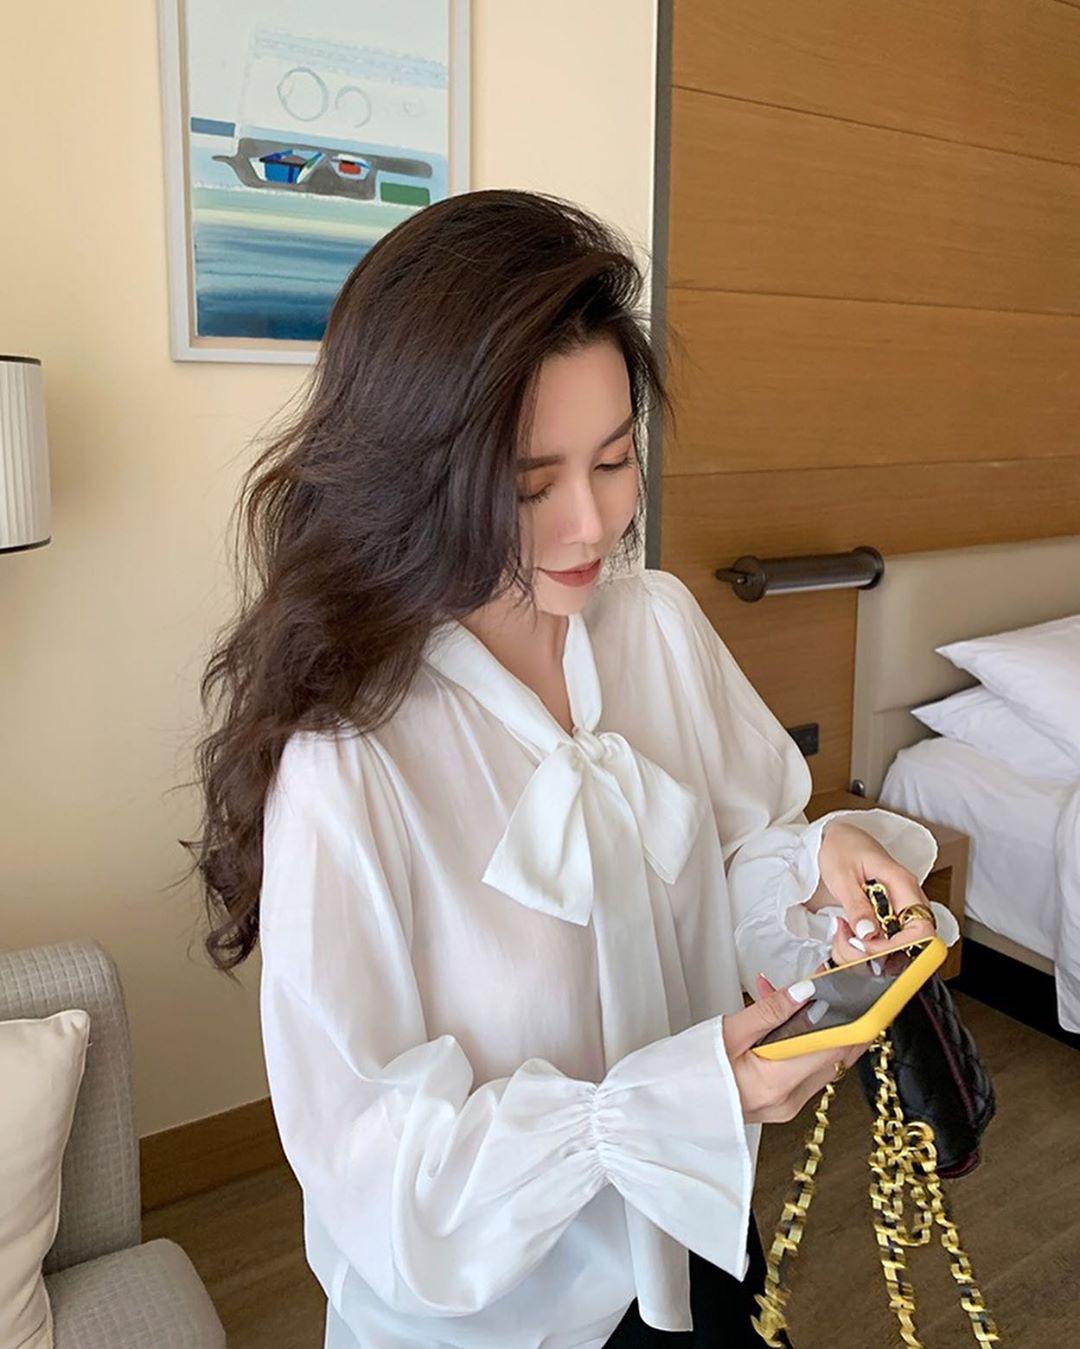 """Cùng diện áo blouse bánh bèo: Lisa """"dừ"""" hơn bình thường, Seo Ye Ji dịu dàng sang chảnh  - Ảnh 13."""